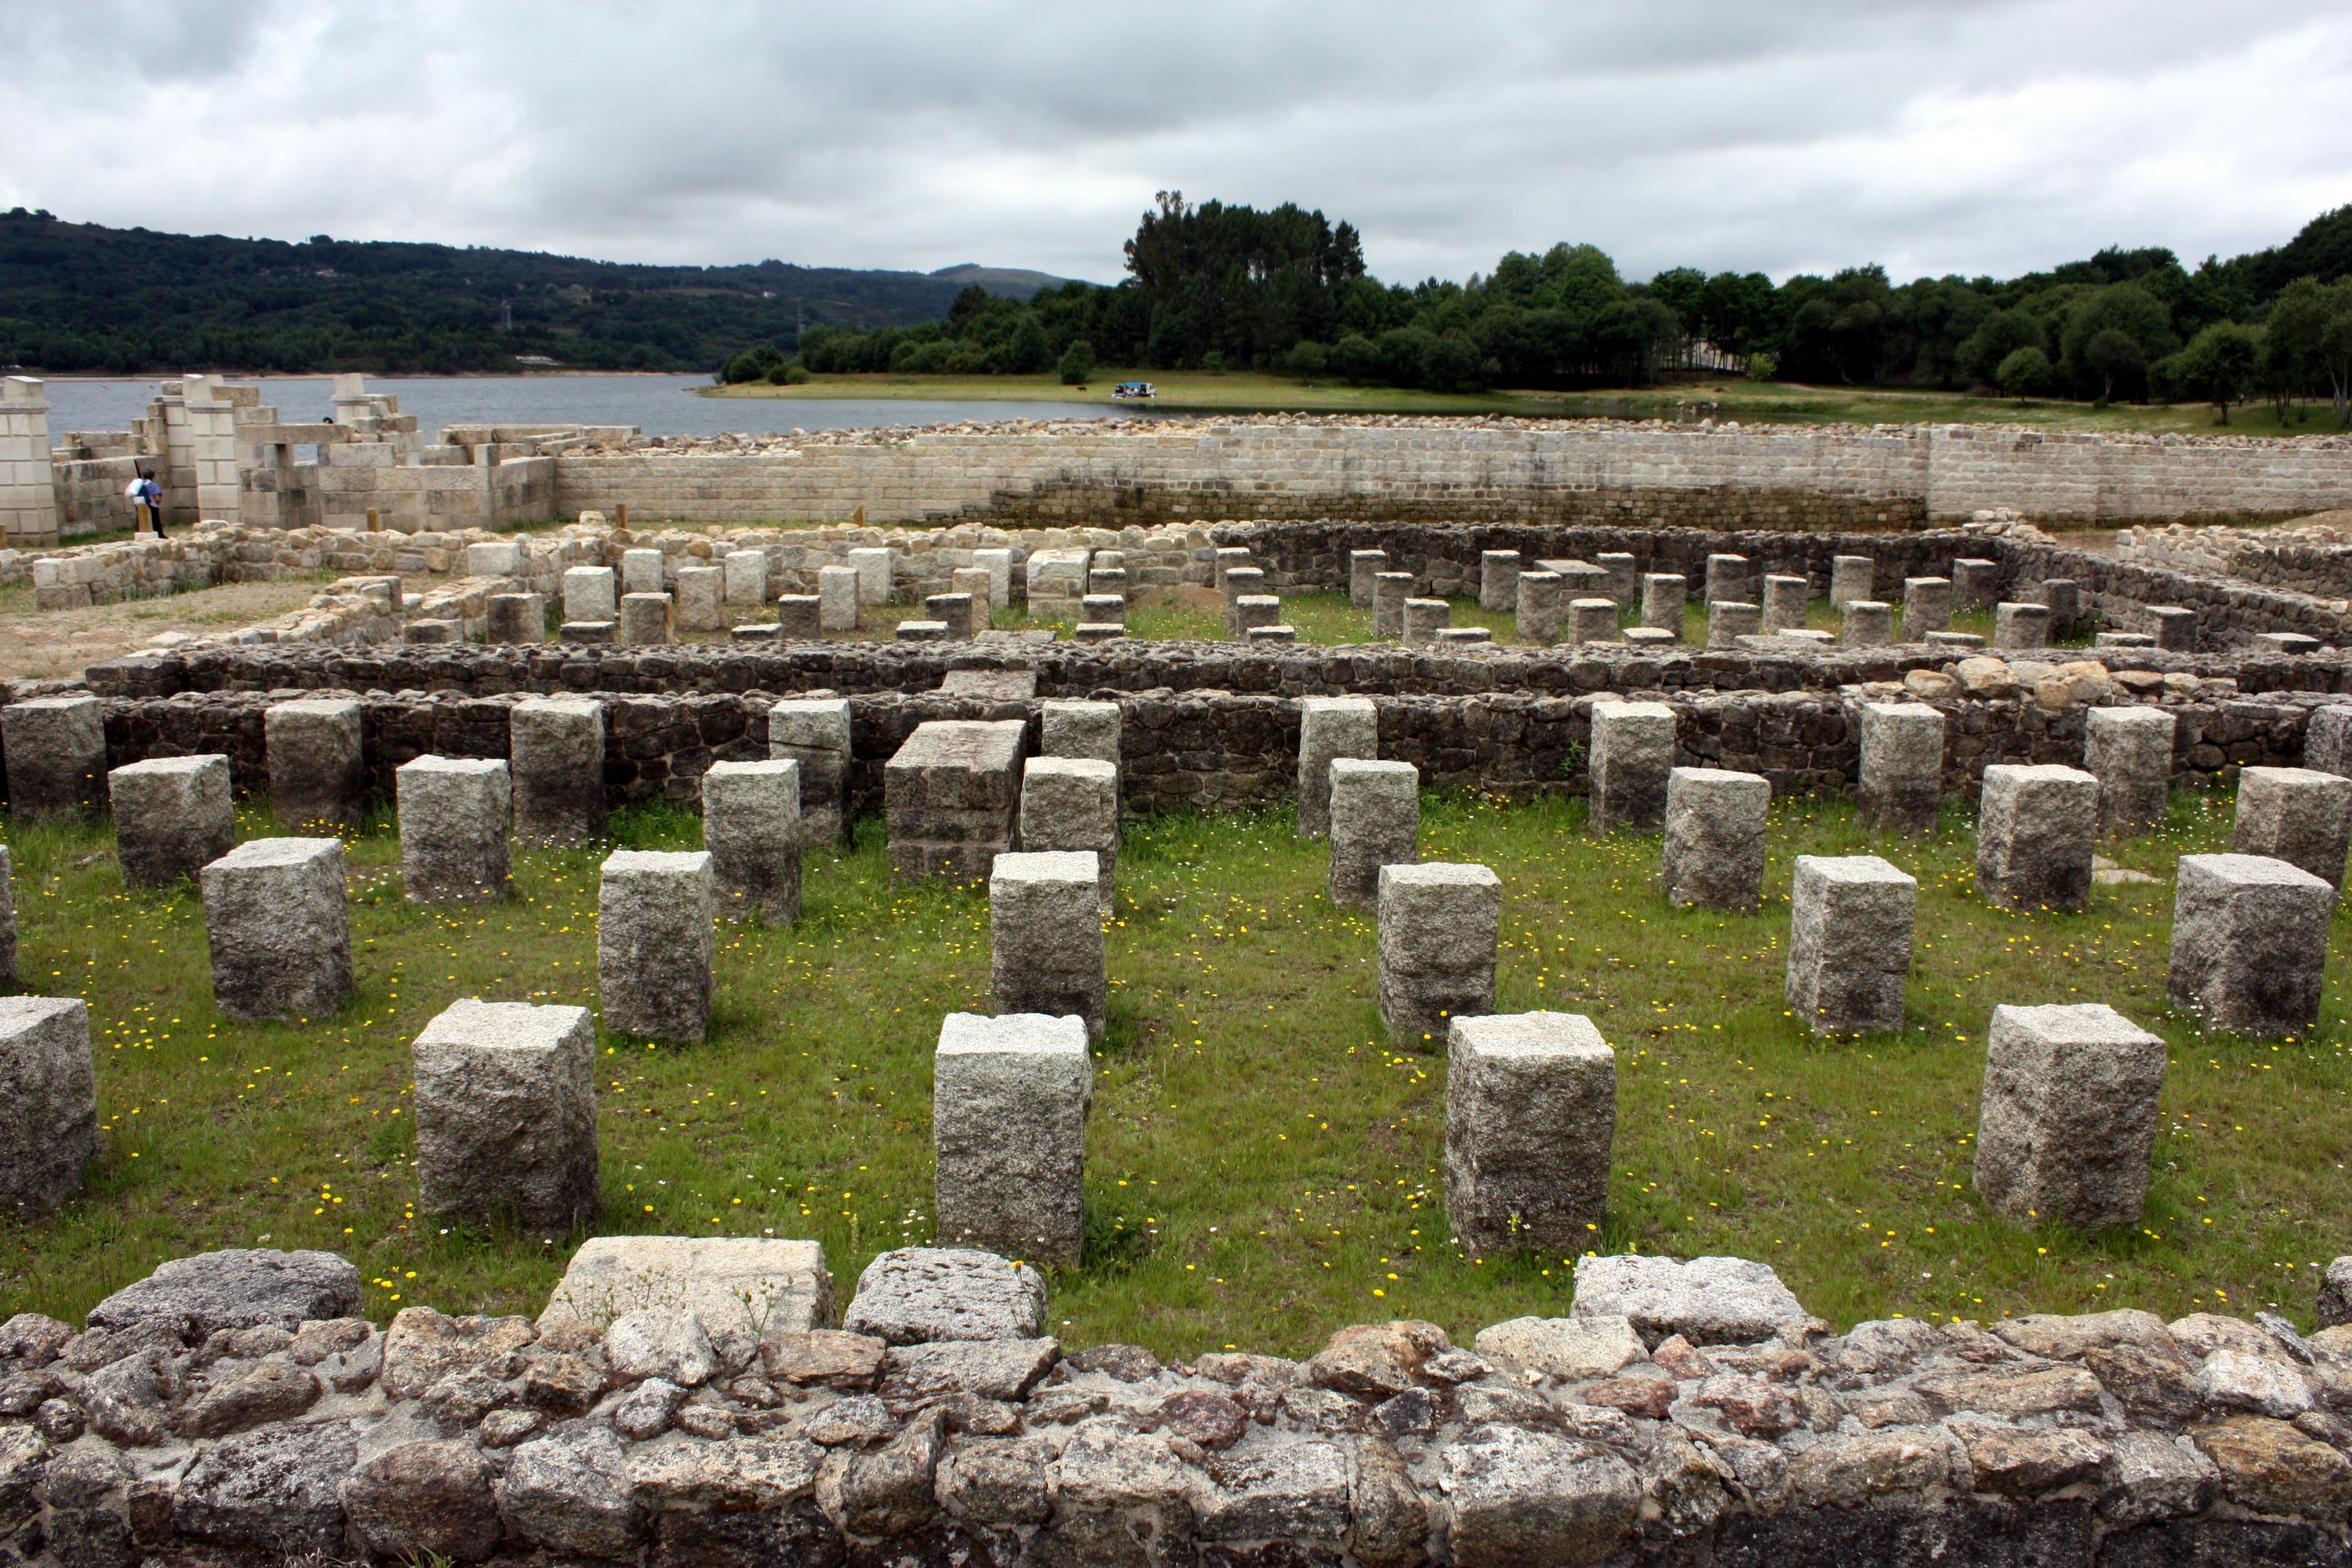 Captivating File:Roman Camp Aquis Querquennis, Baños De Bande, Ourense, Galicia 30